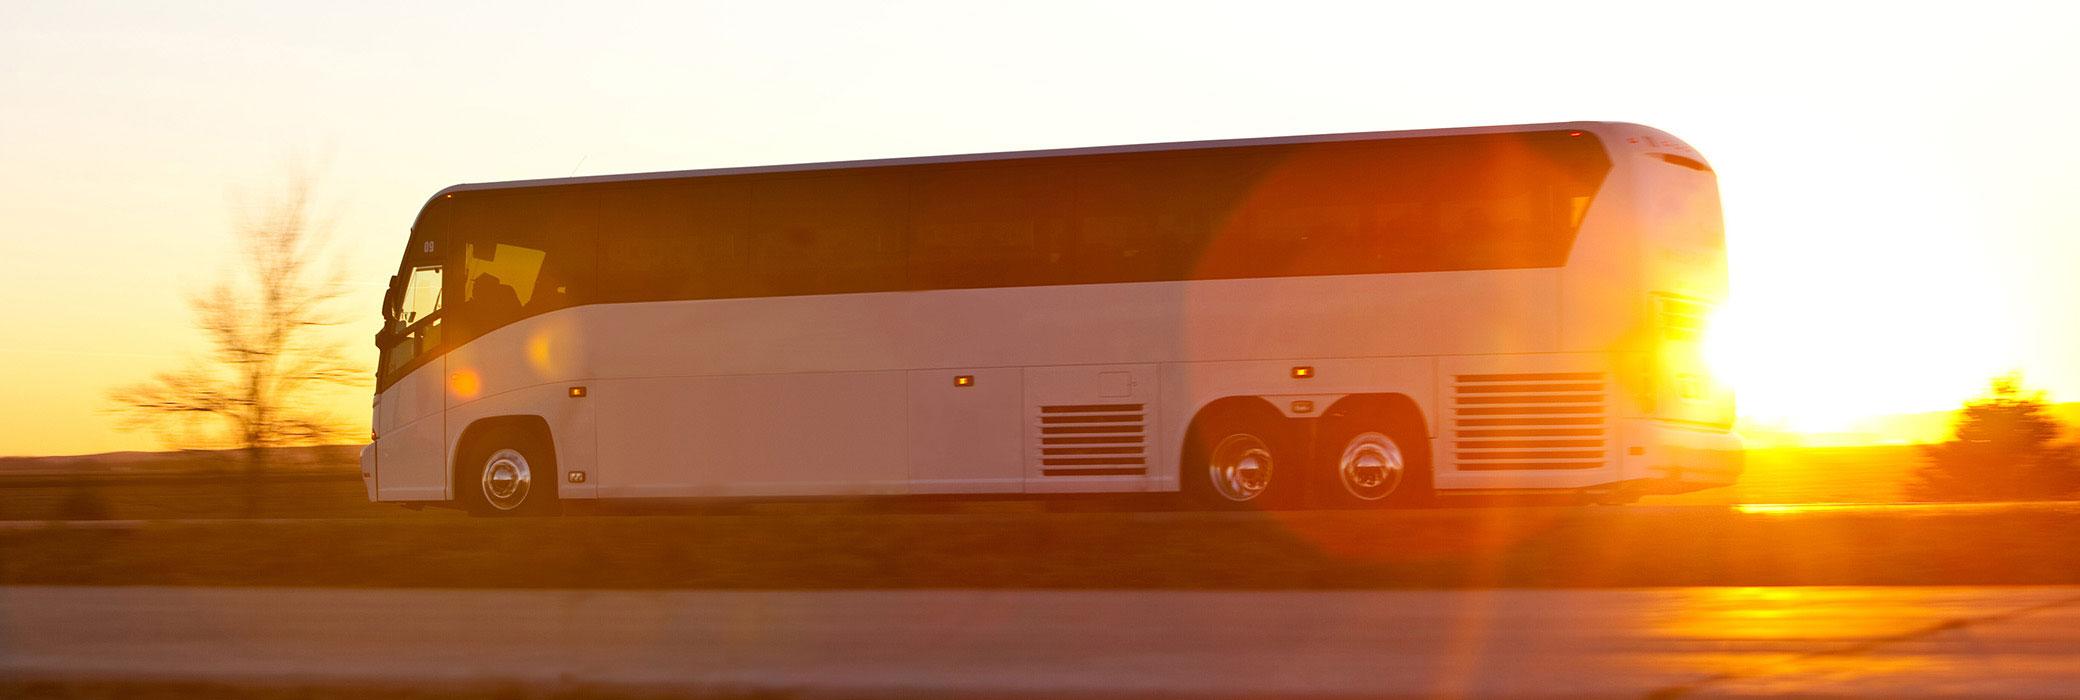 Witte touringcar rijdend op een landweg bij zonsondergang